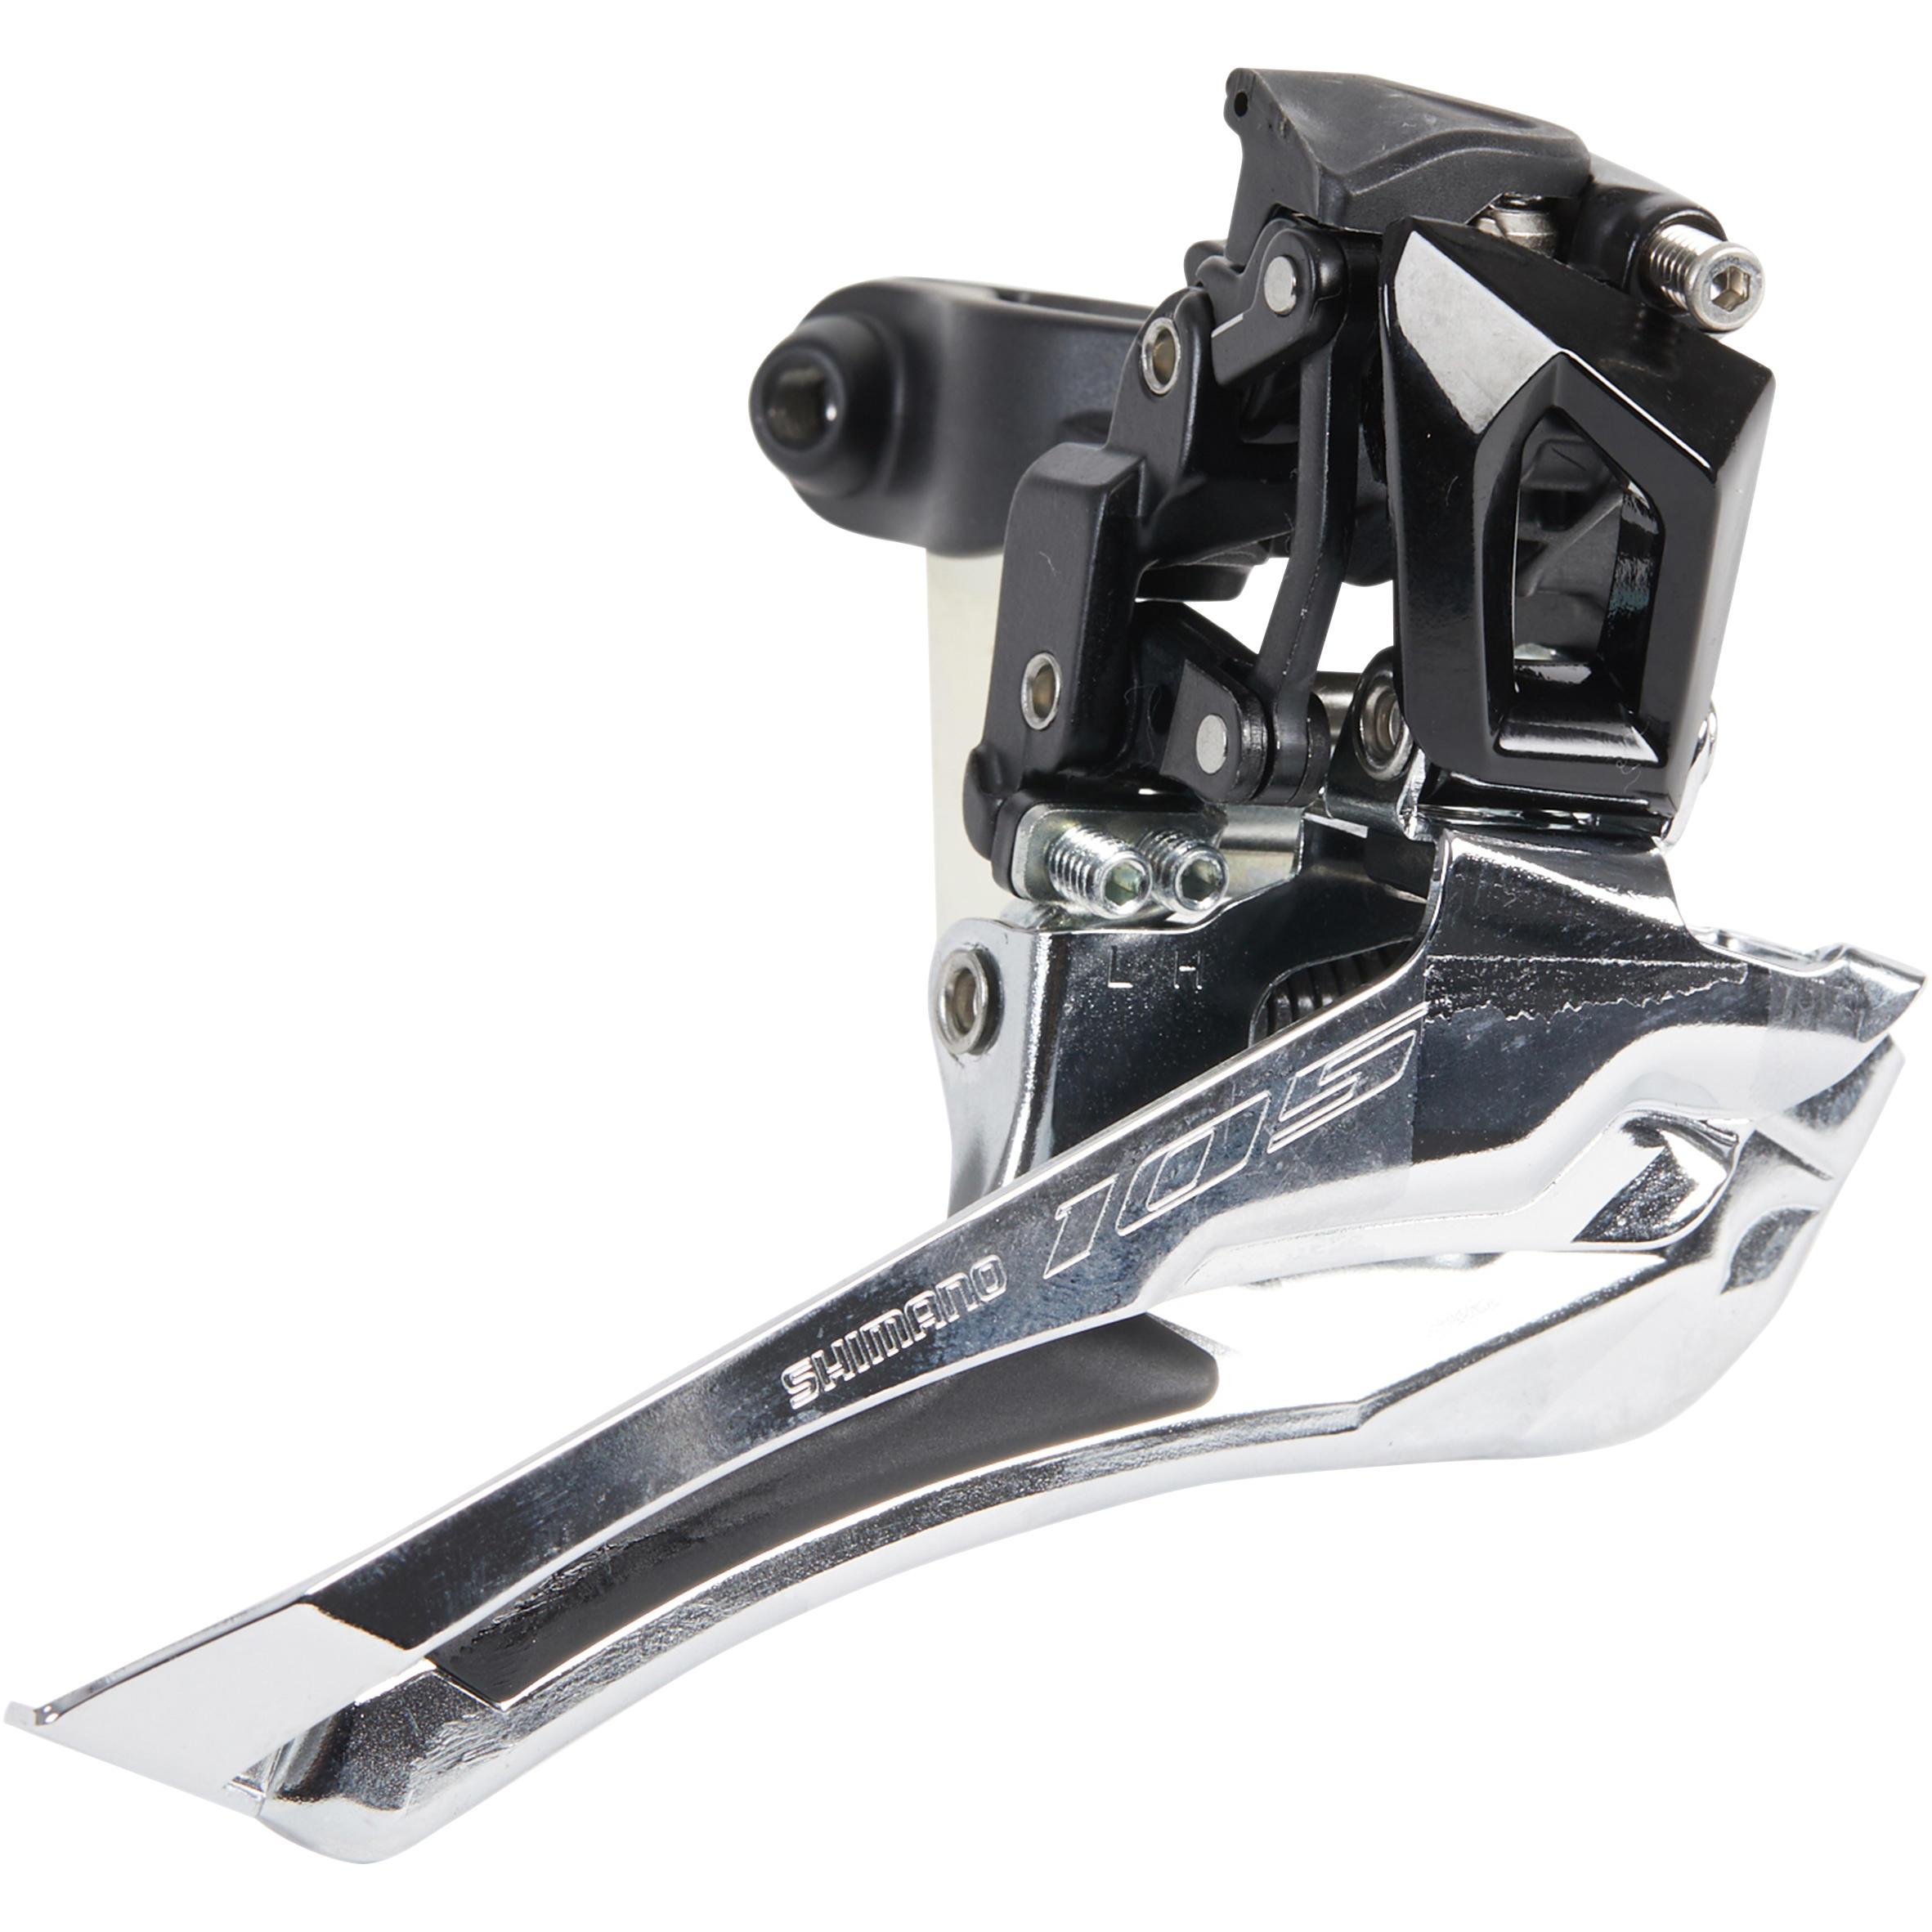 Workshop Voorderailleur 2 versnellingen Shimano 105 kopen? Leest dit eerst: Fietsonderdelen Aandrijving en schakelen met korting